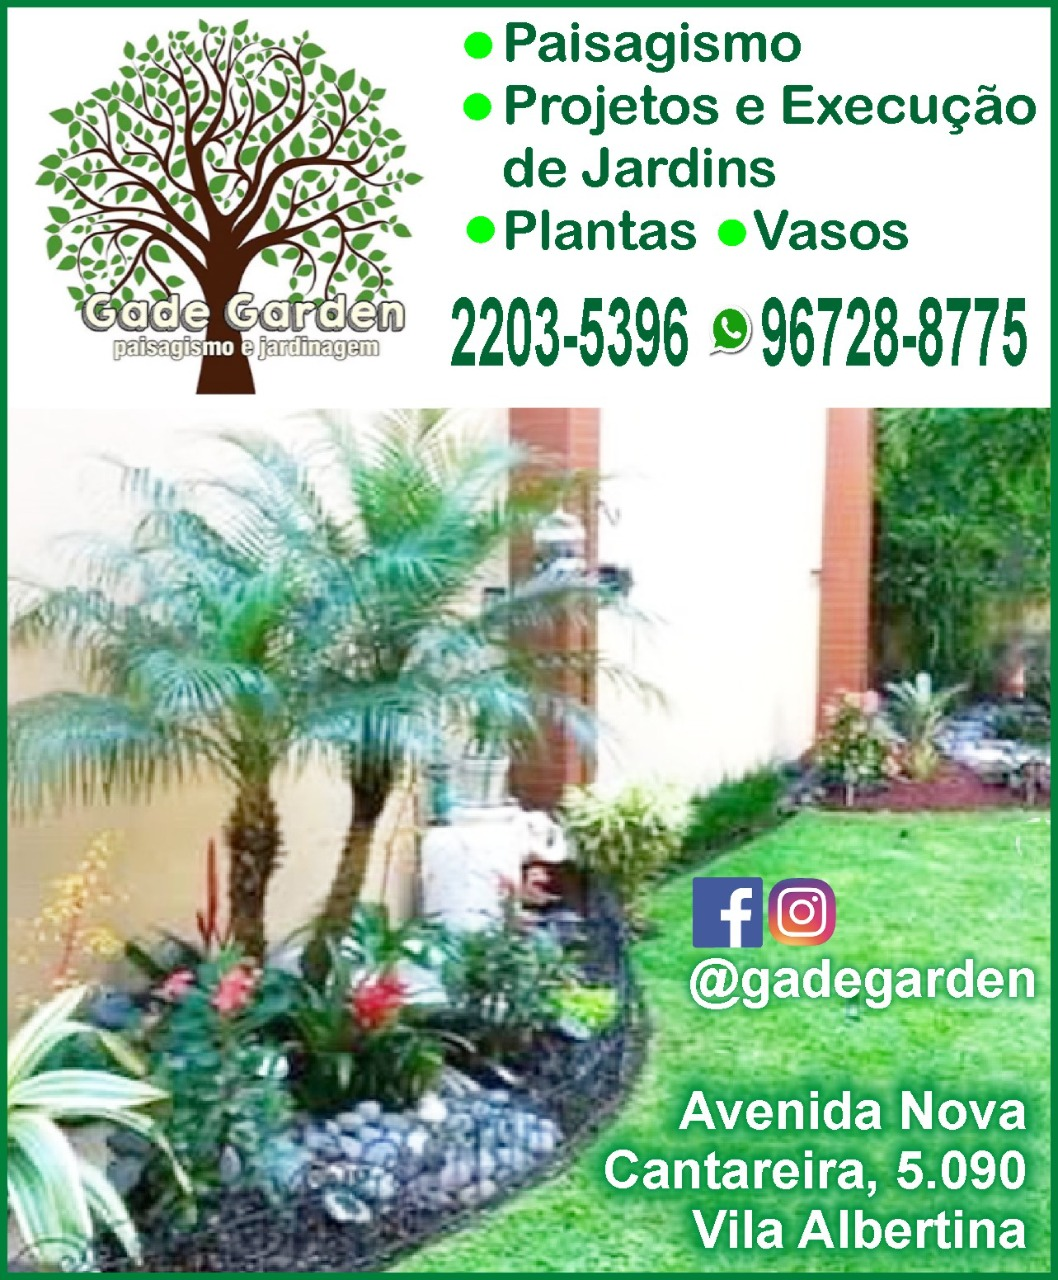 gade garden